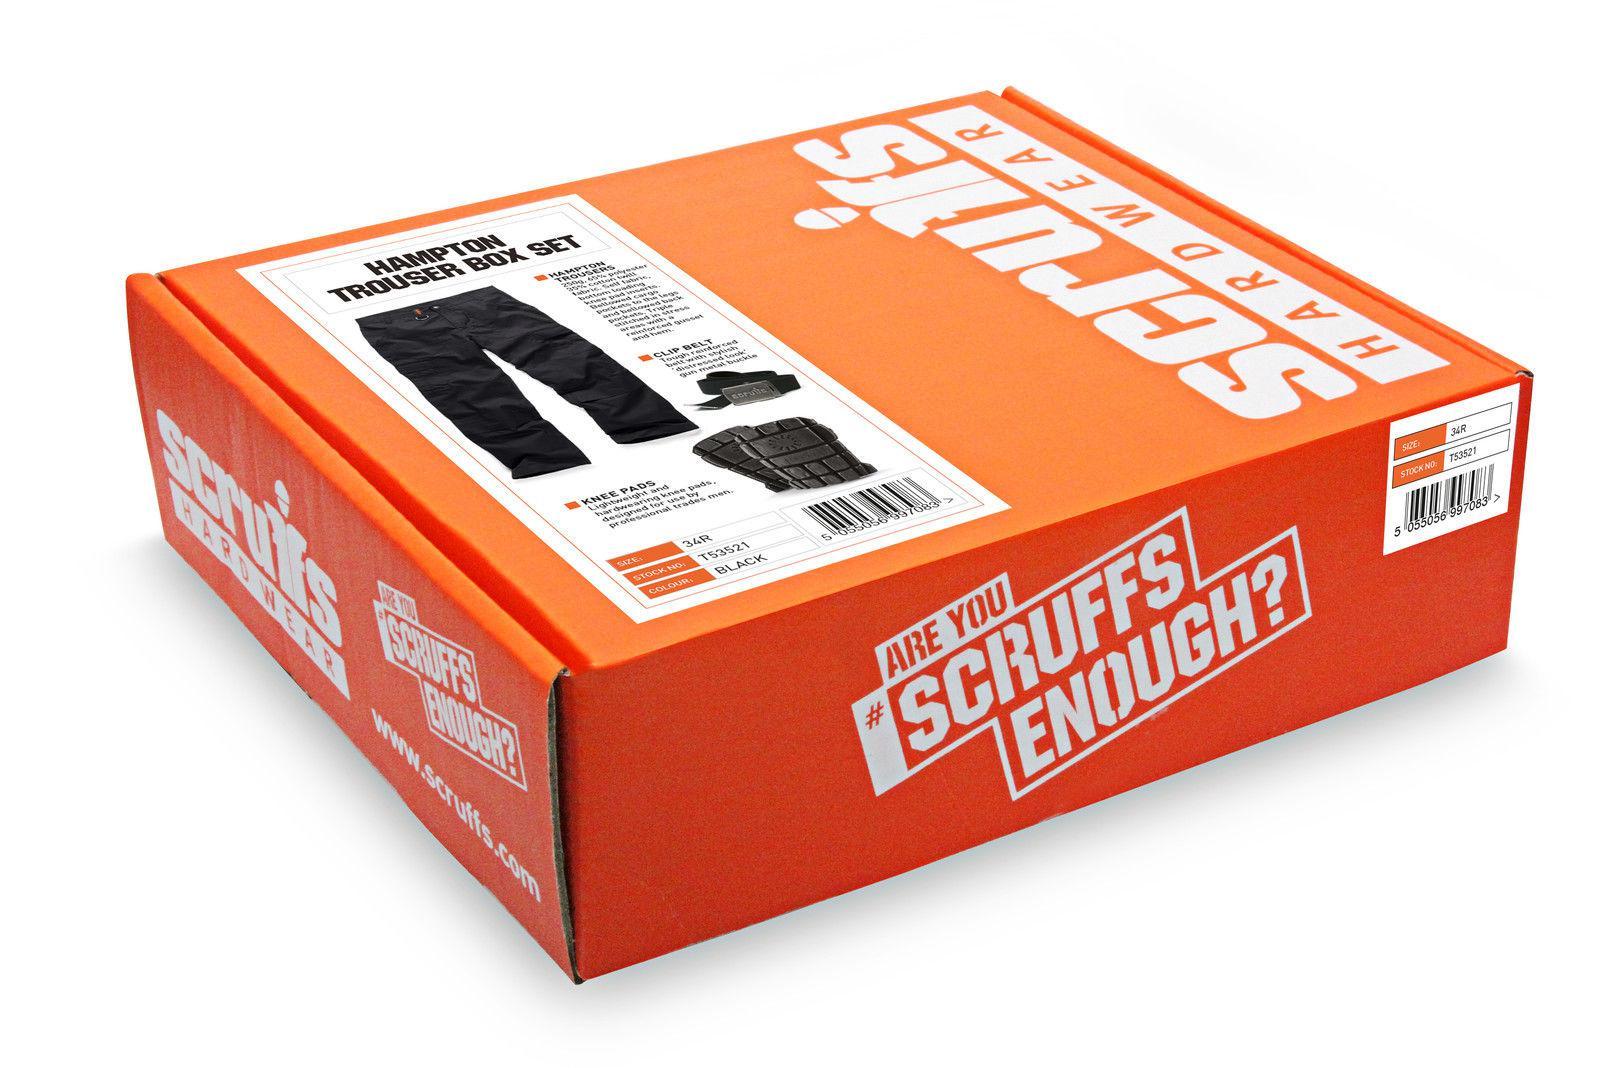 Hampton trouser box set